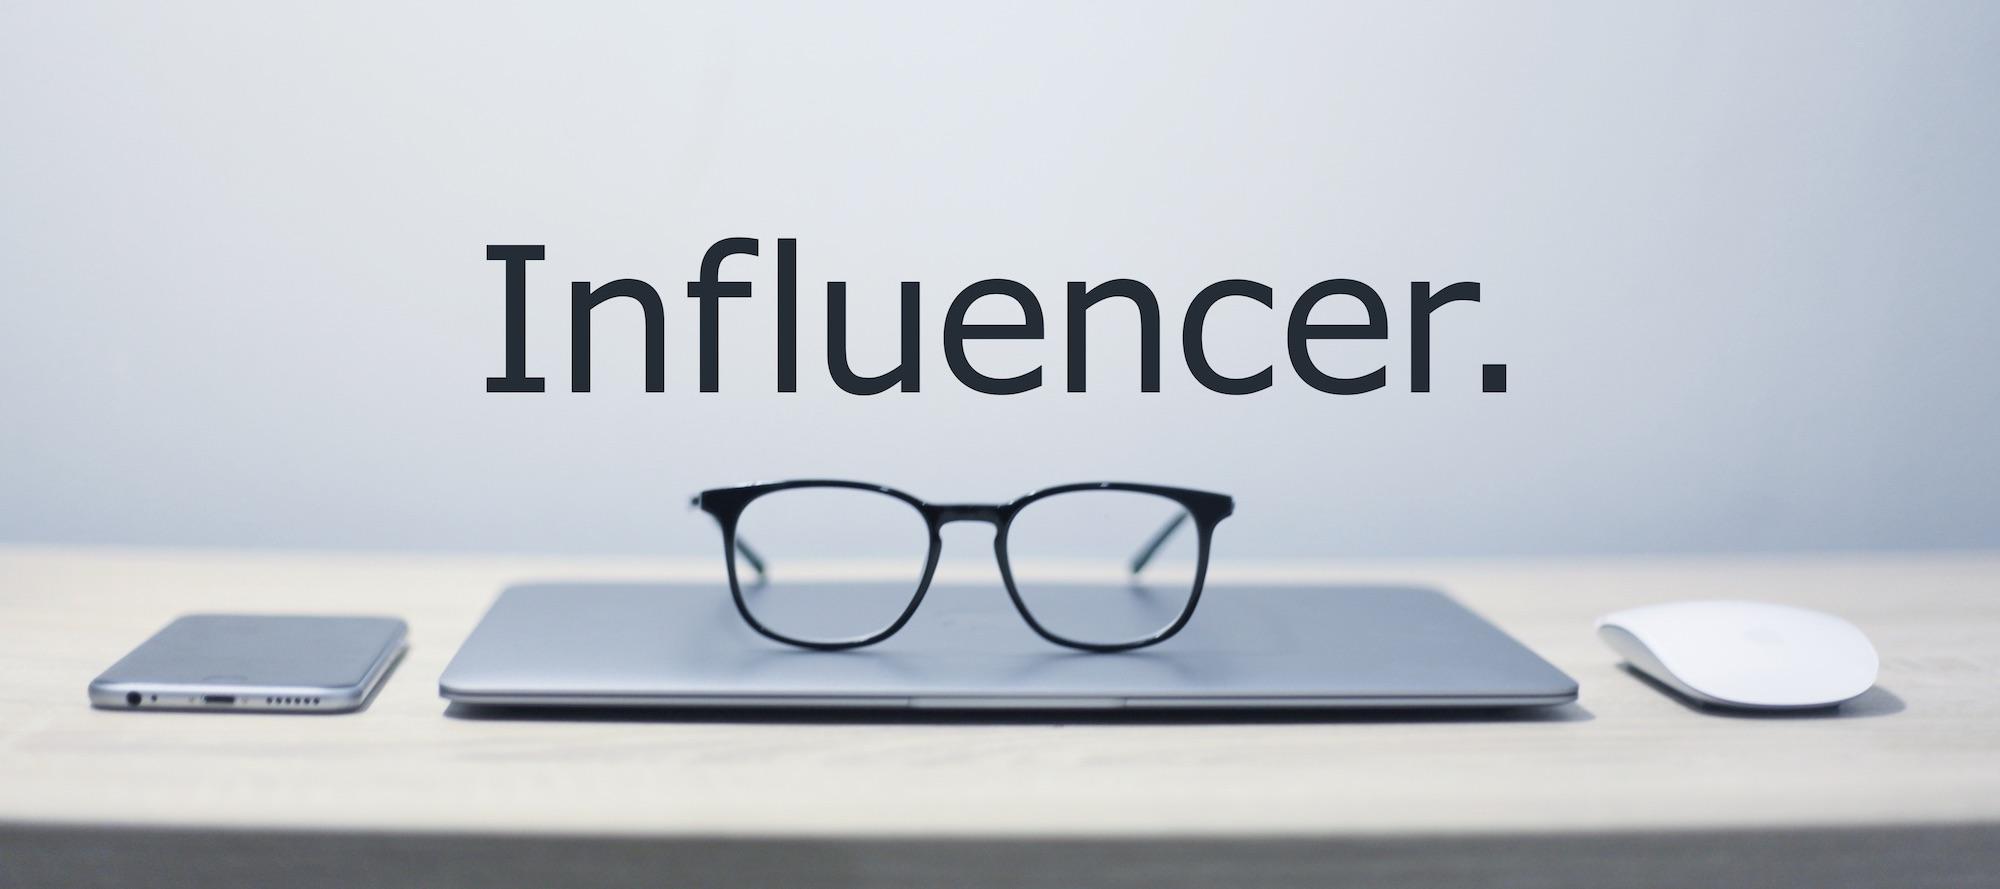 Influencer.